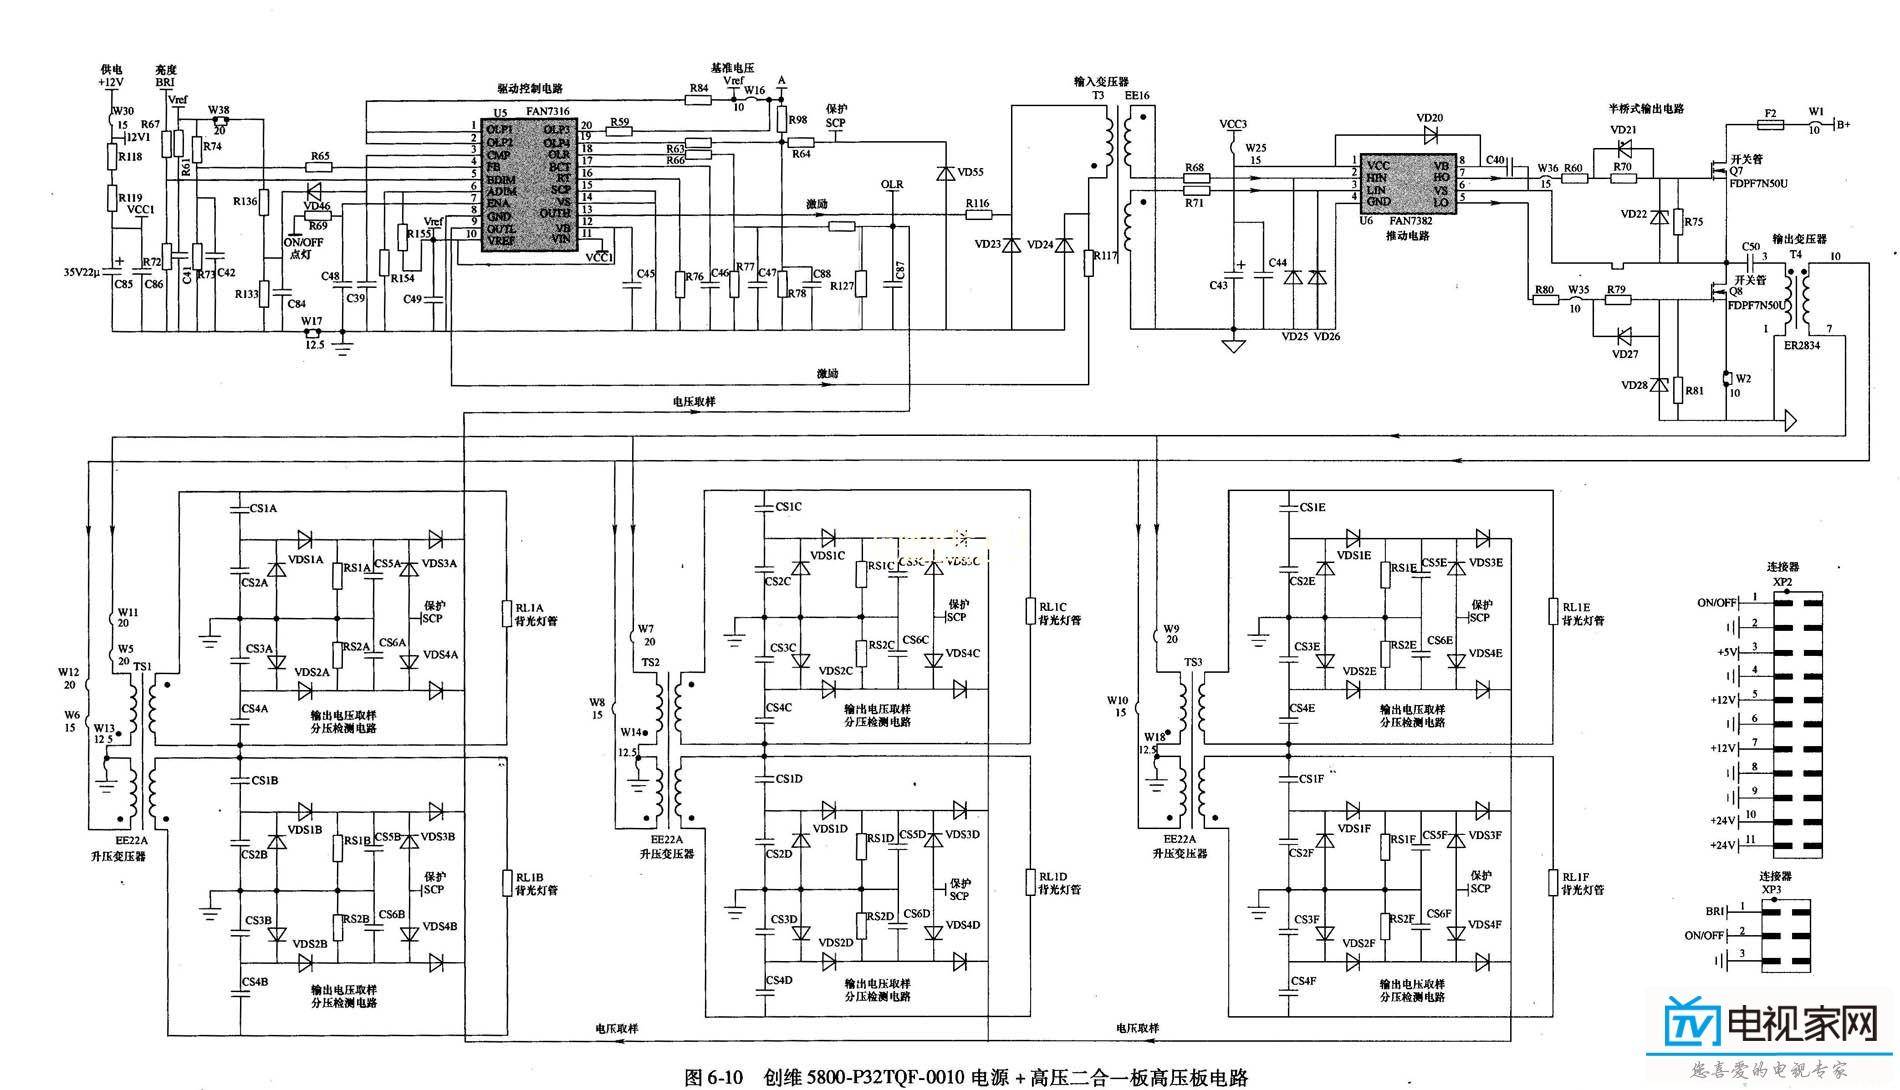 检查v3,v6,vd19组成的稳压控制电路和由v4,u4组成的开关机控制电路.